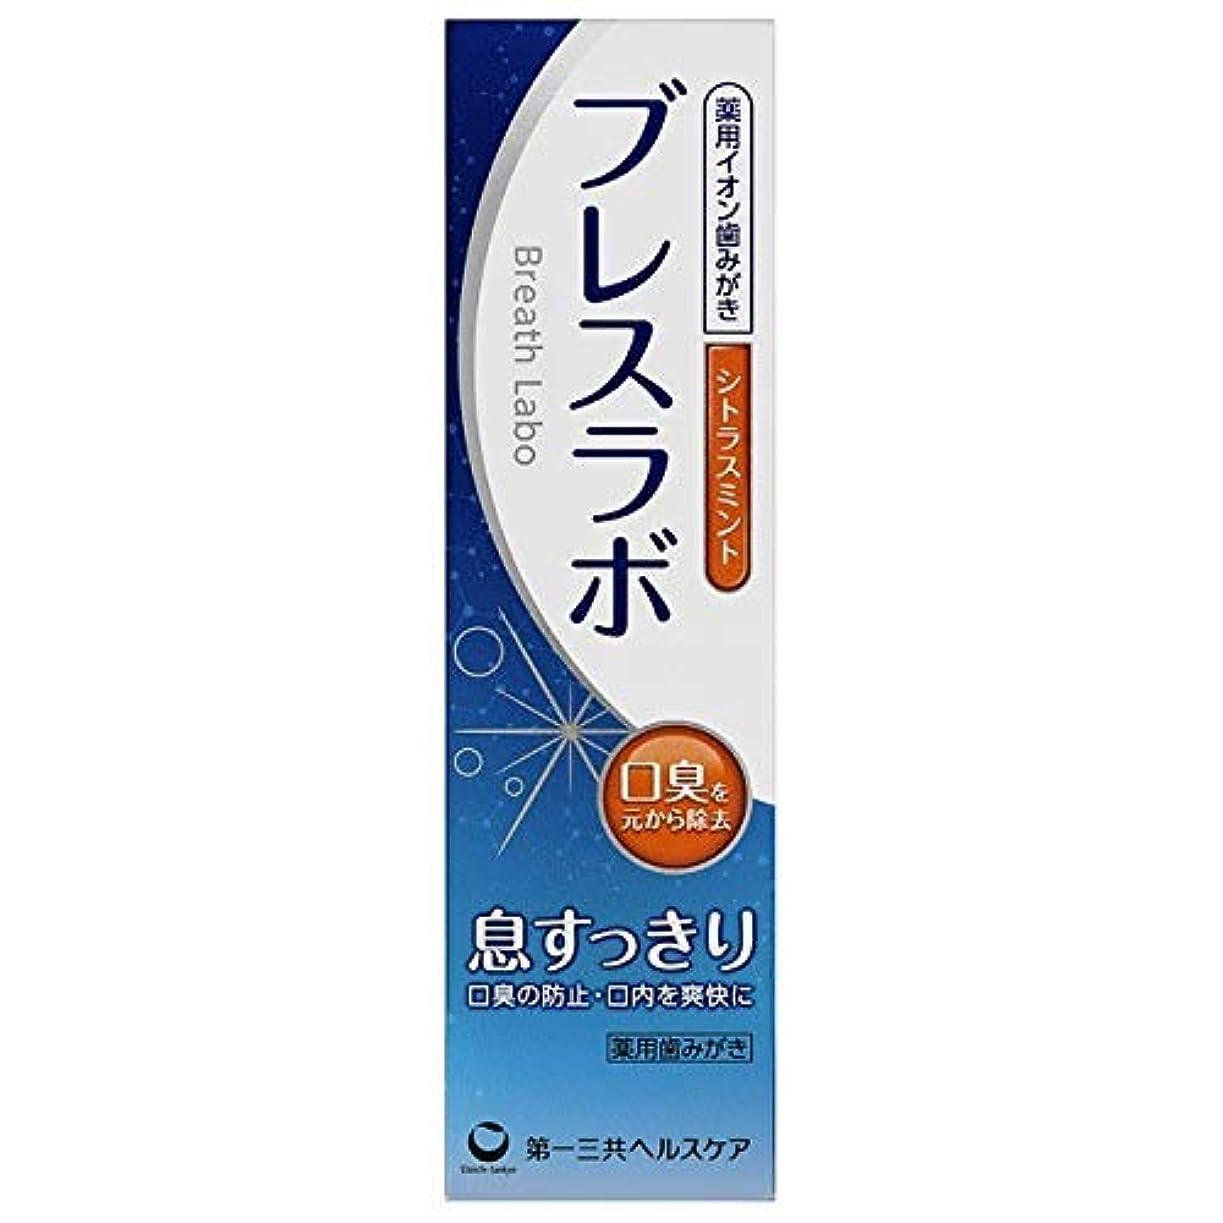 トランザクション十以来【4個セット】ブレスラボ シトラスミント 90g